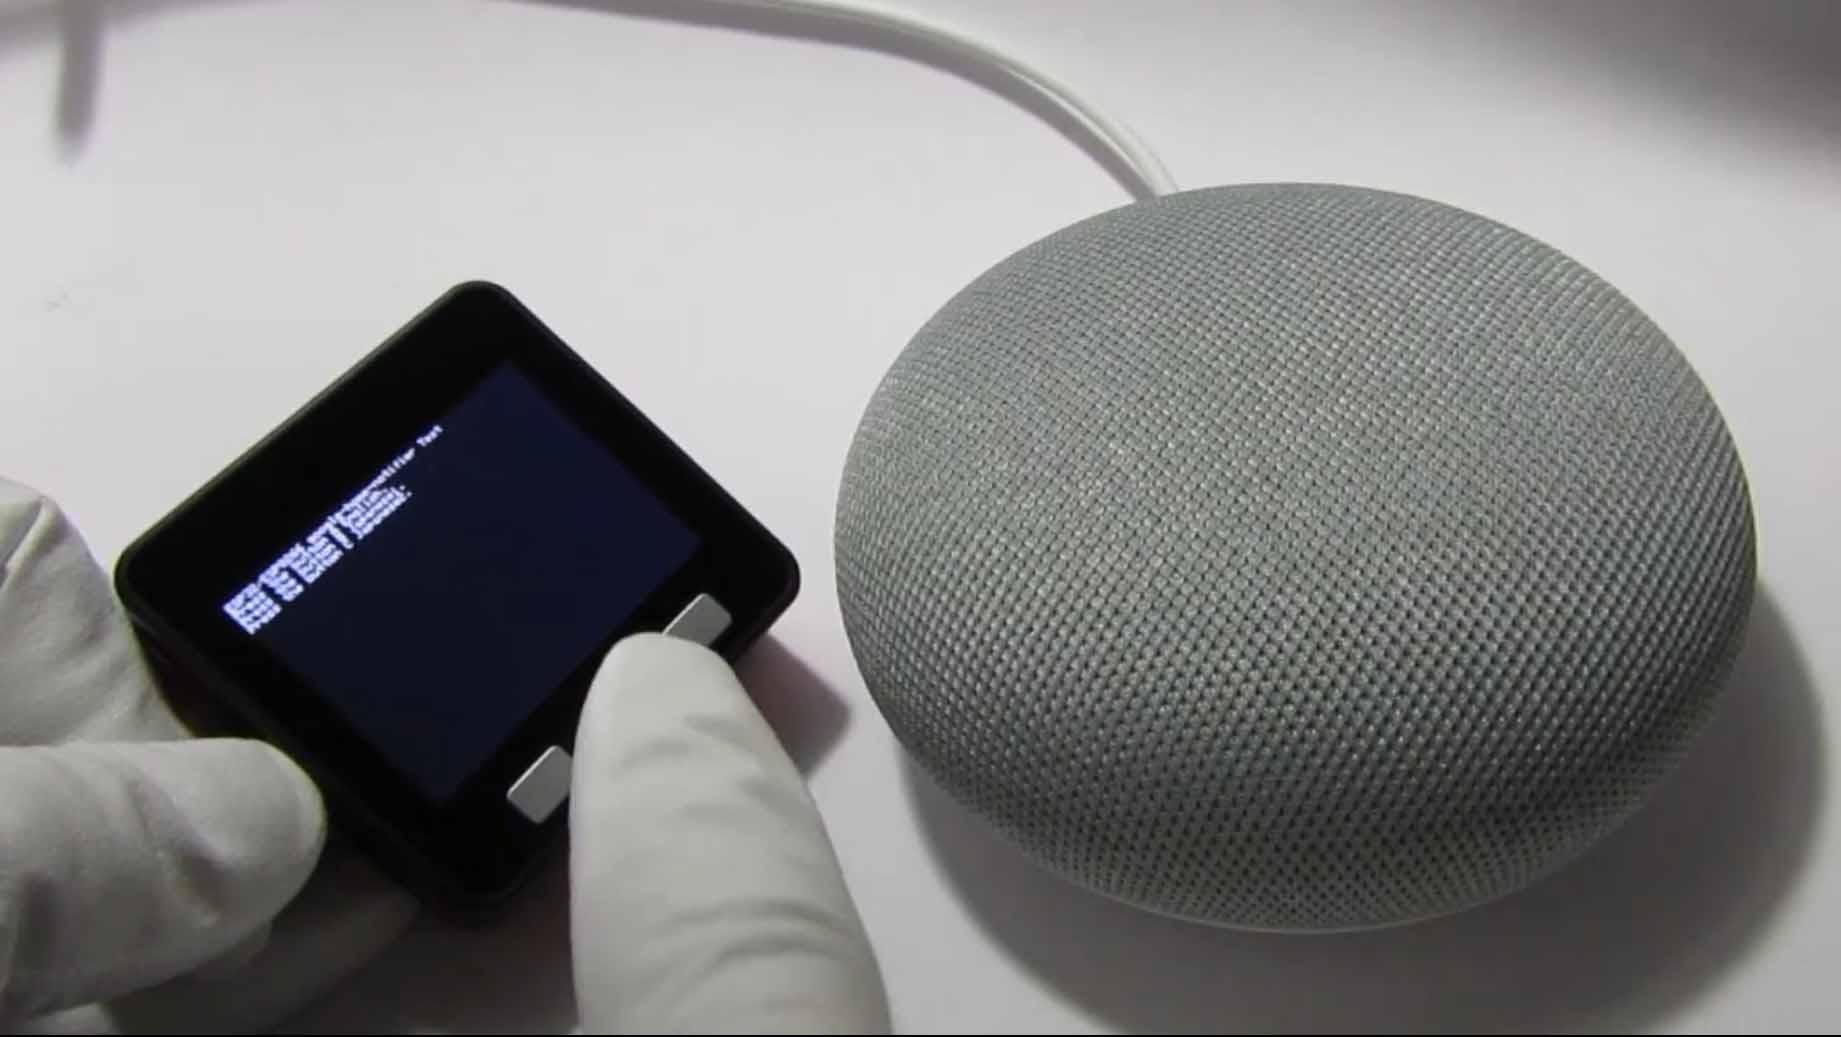 ESP32 および M5Stack で Google Home を自発的に喋らせる実験